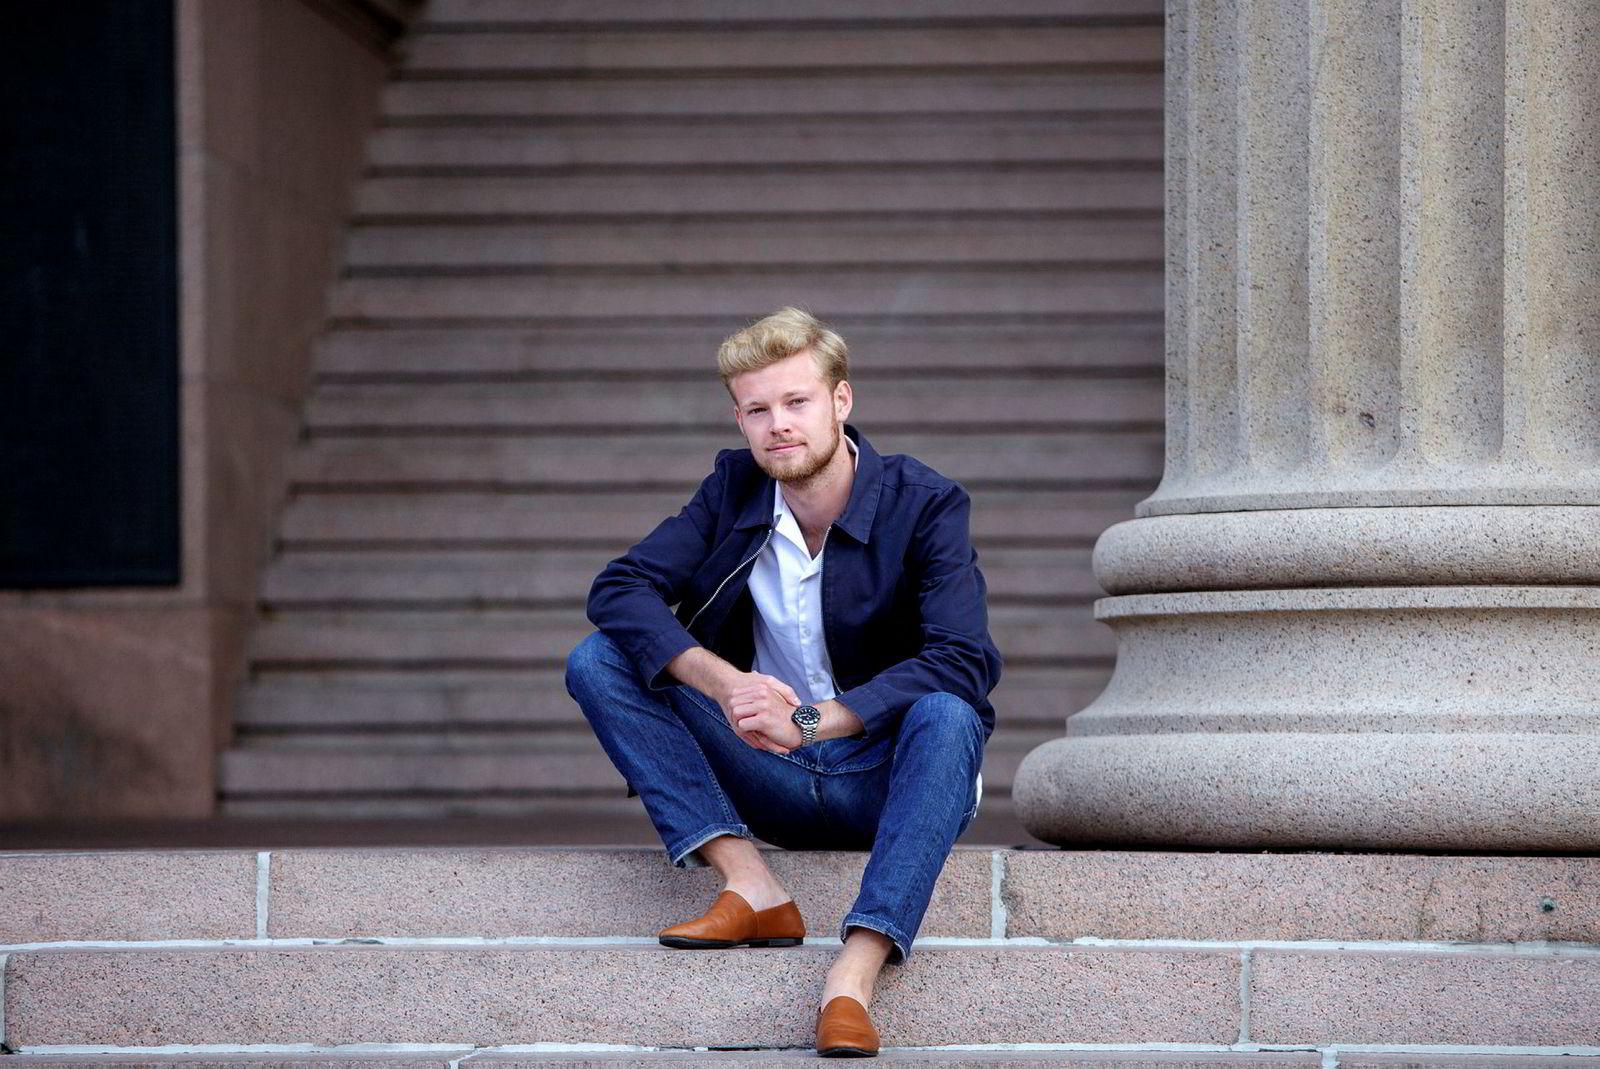 Sander A.R. Eilertsen er NHH-studenten som satte i gang vårens debatt om det han omtalte som ukultur på studiet. Han befinner seg for tiden i Oslo, men gruer seg ikke til å komme tilbake til skolen. – Jeg har fått mye støtte, sier han.